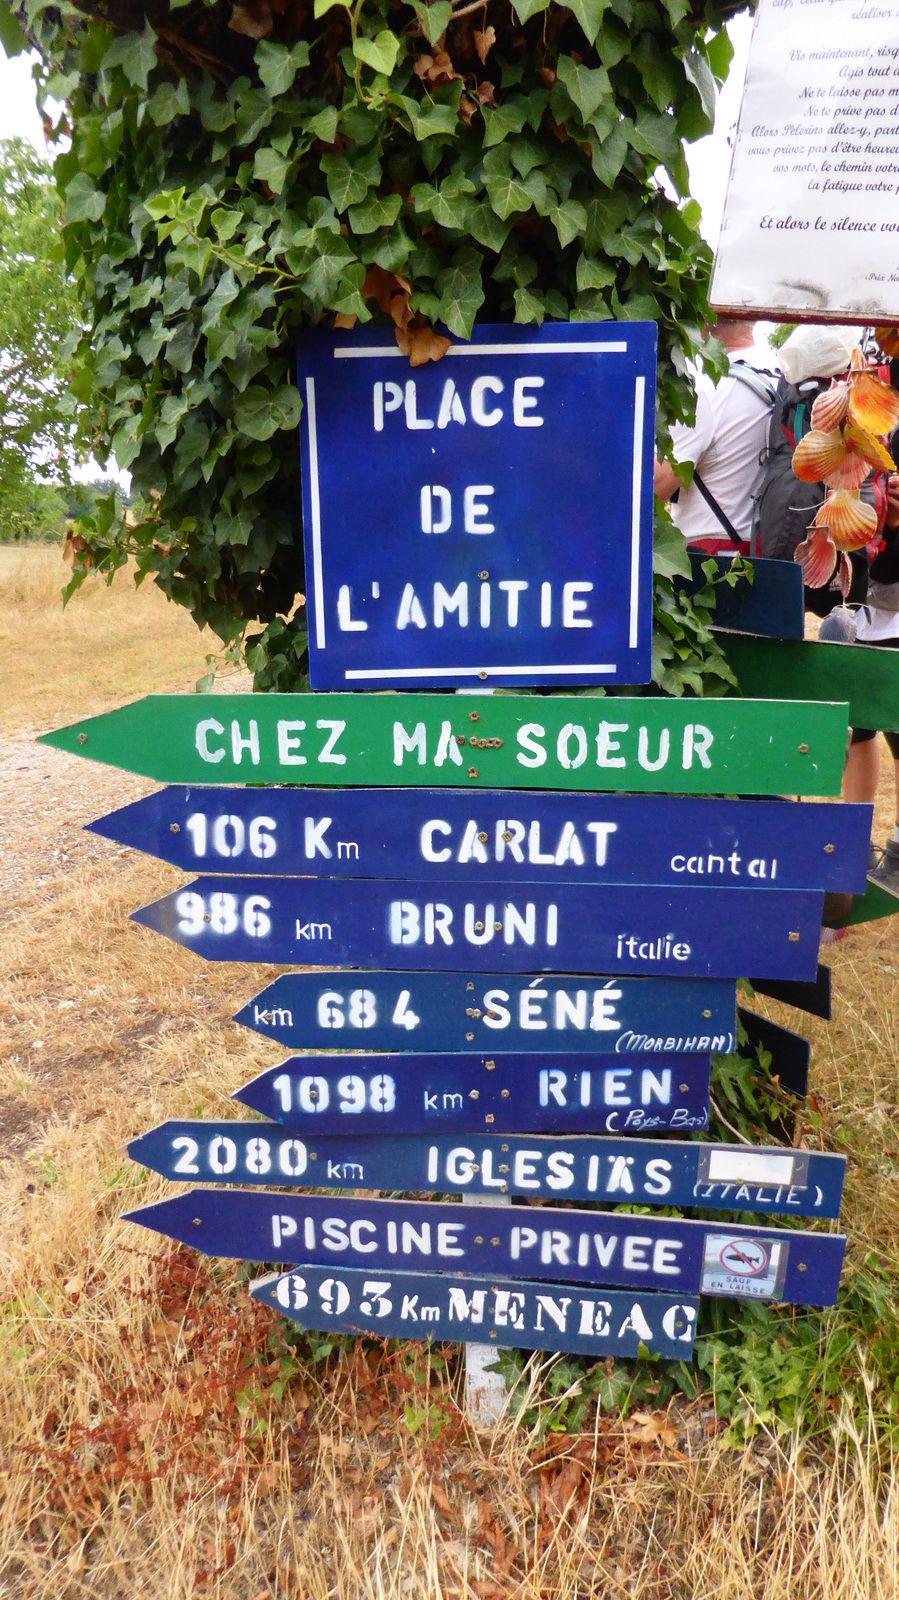 Nous voilà sur la commune de Saint-Jean-de-Laur sur la place de l'amitié, un bel endroit avec son lavoir et ses centaines de coquille Saint-Jacques multicolorés et ses panneaux avec un certain humour.